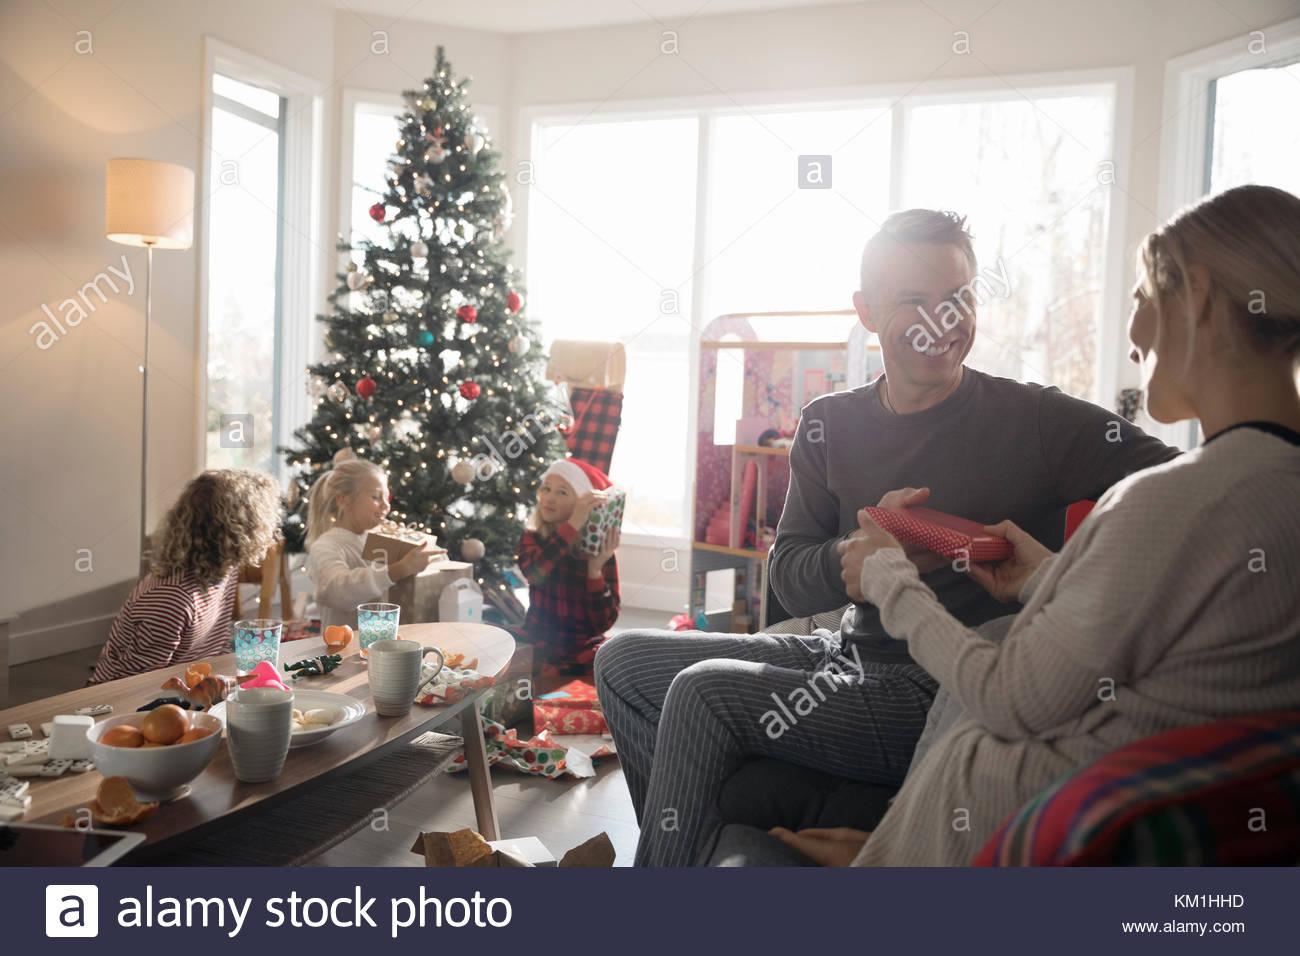 Mari donner cadeau de Noël pour femme dans la salle de séjour avec la famille Photo Stock